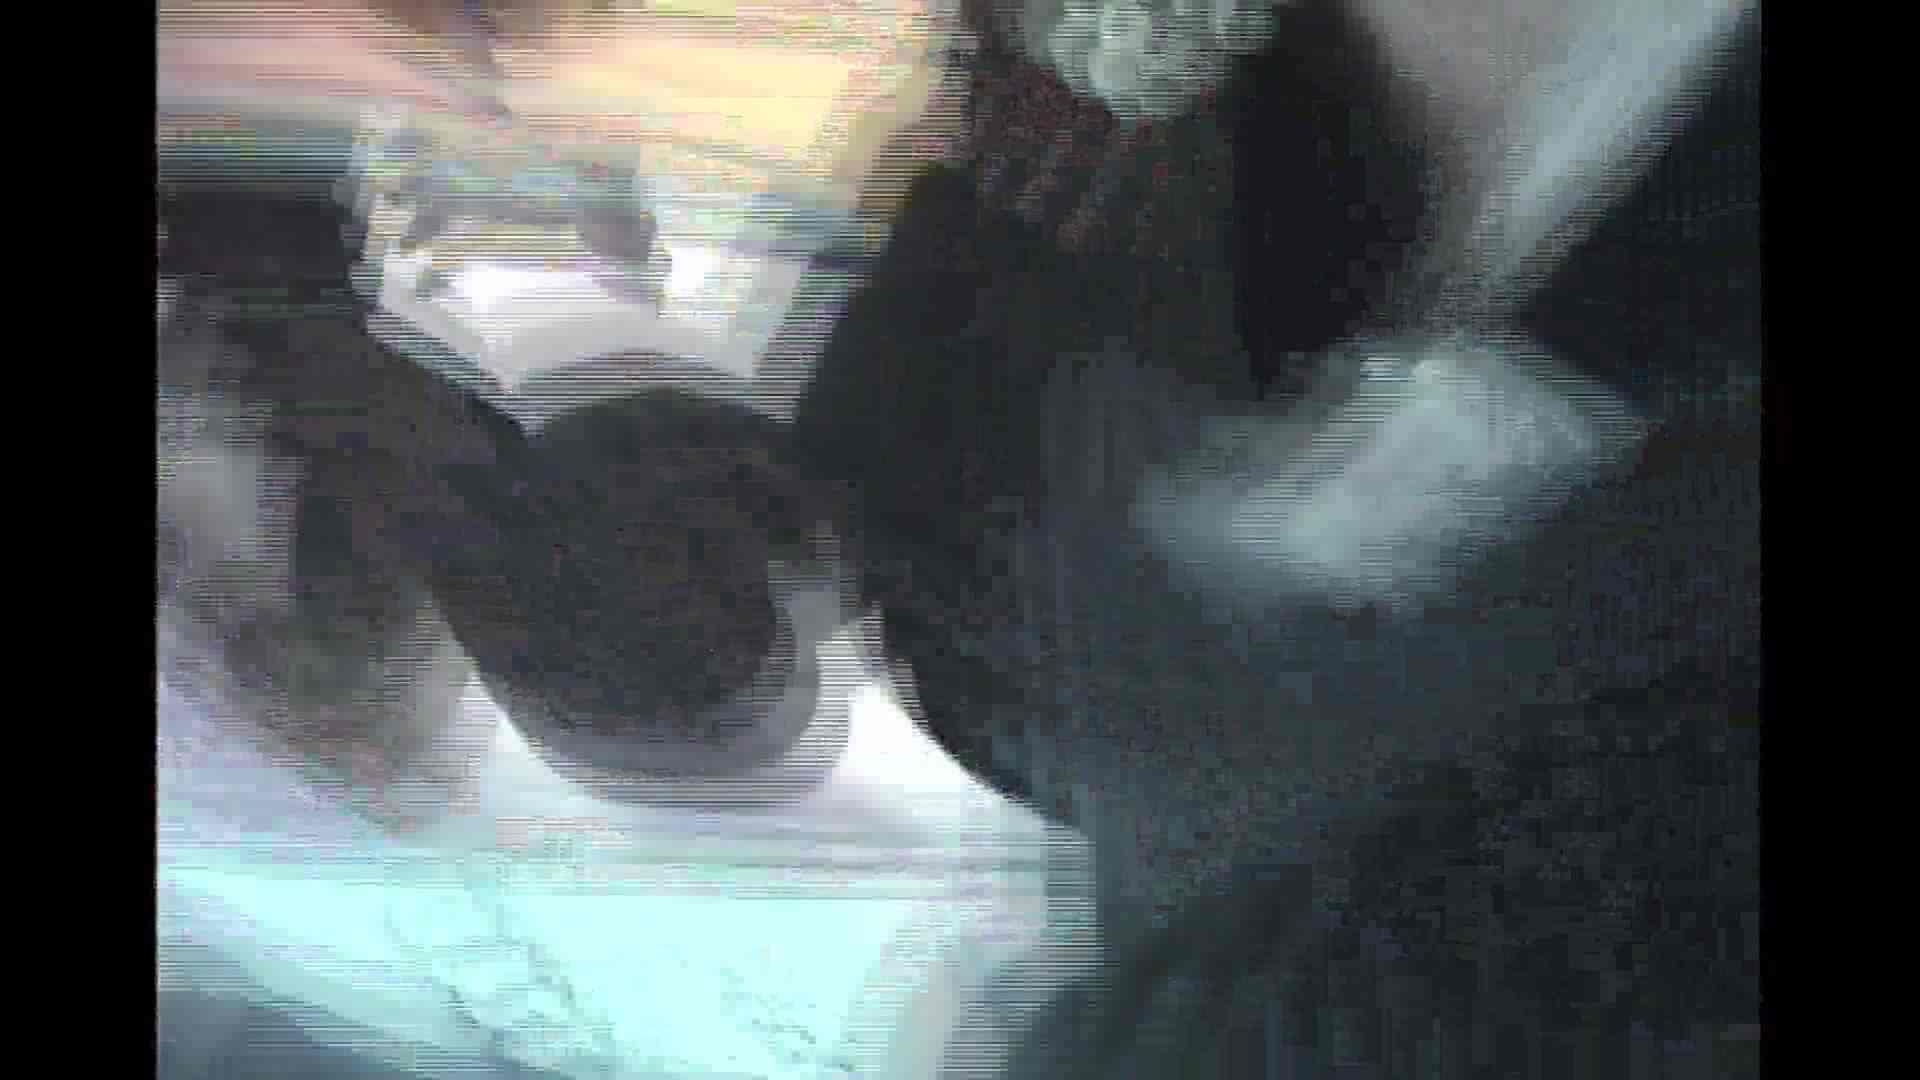 働く美女の谷間参拝 Vol.14 エロティックなOL AV無料 107画像 68